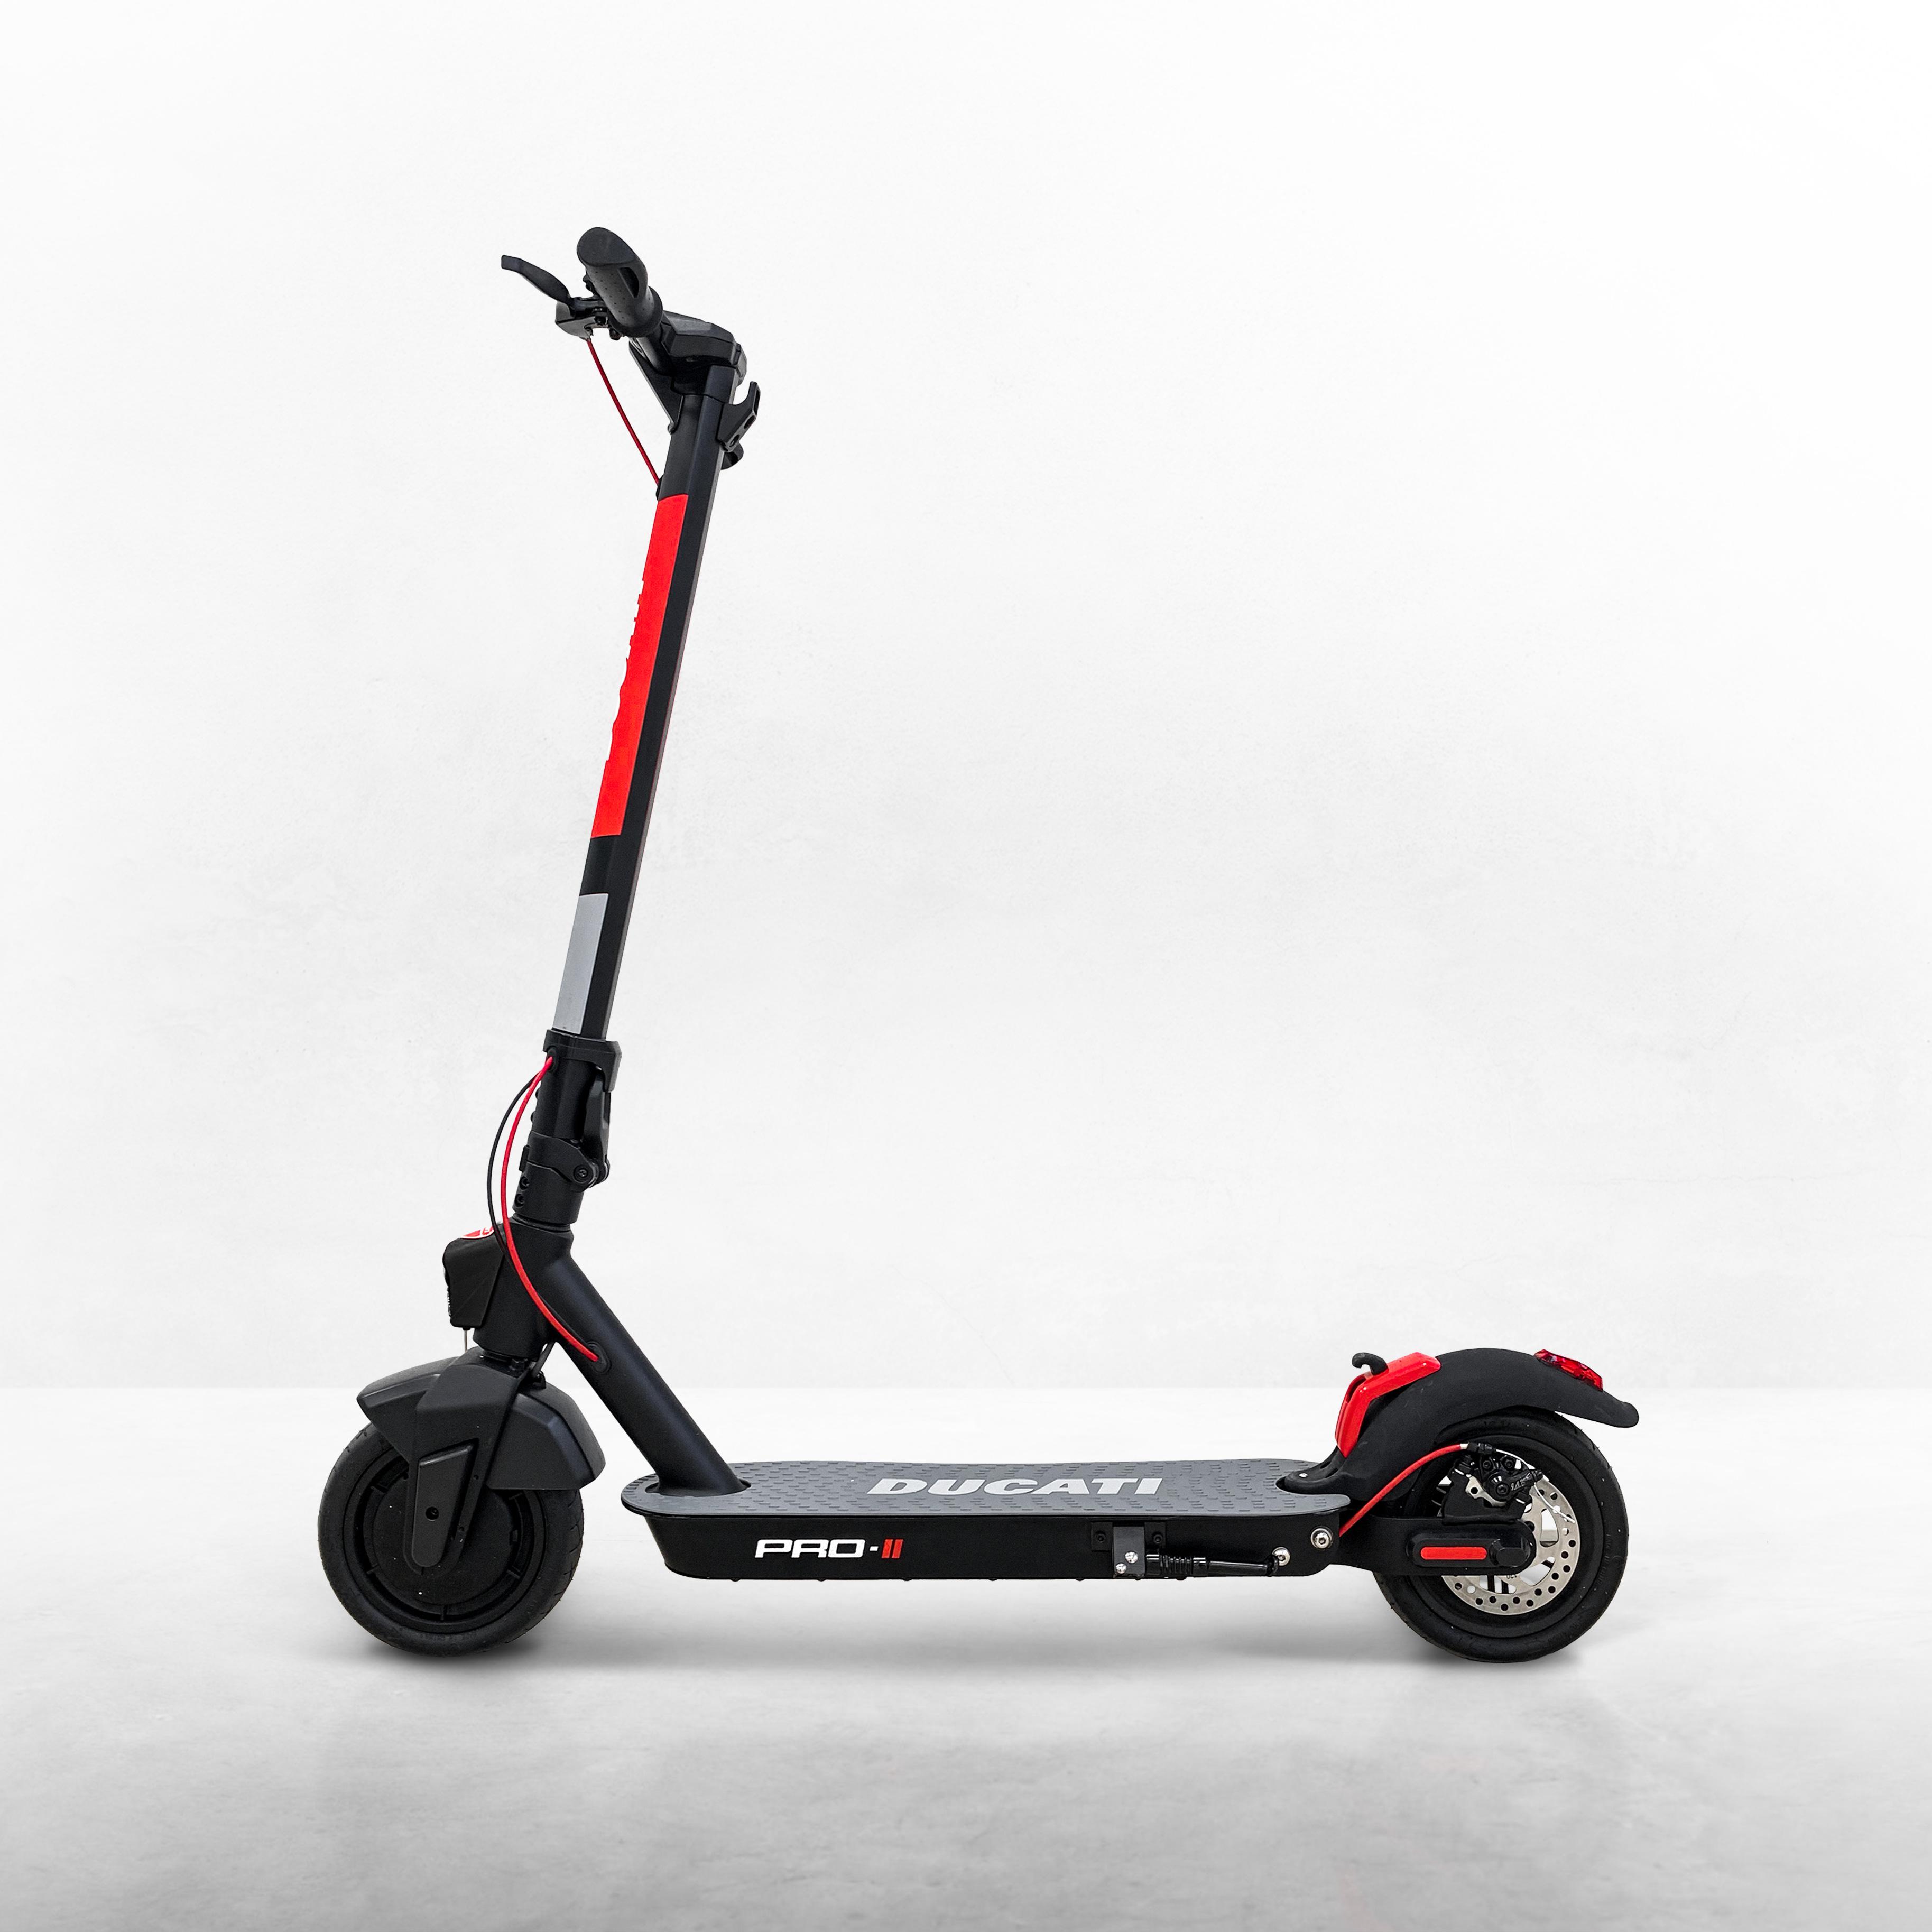 Ducati_PRO2_monopattino_UC157936_High